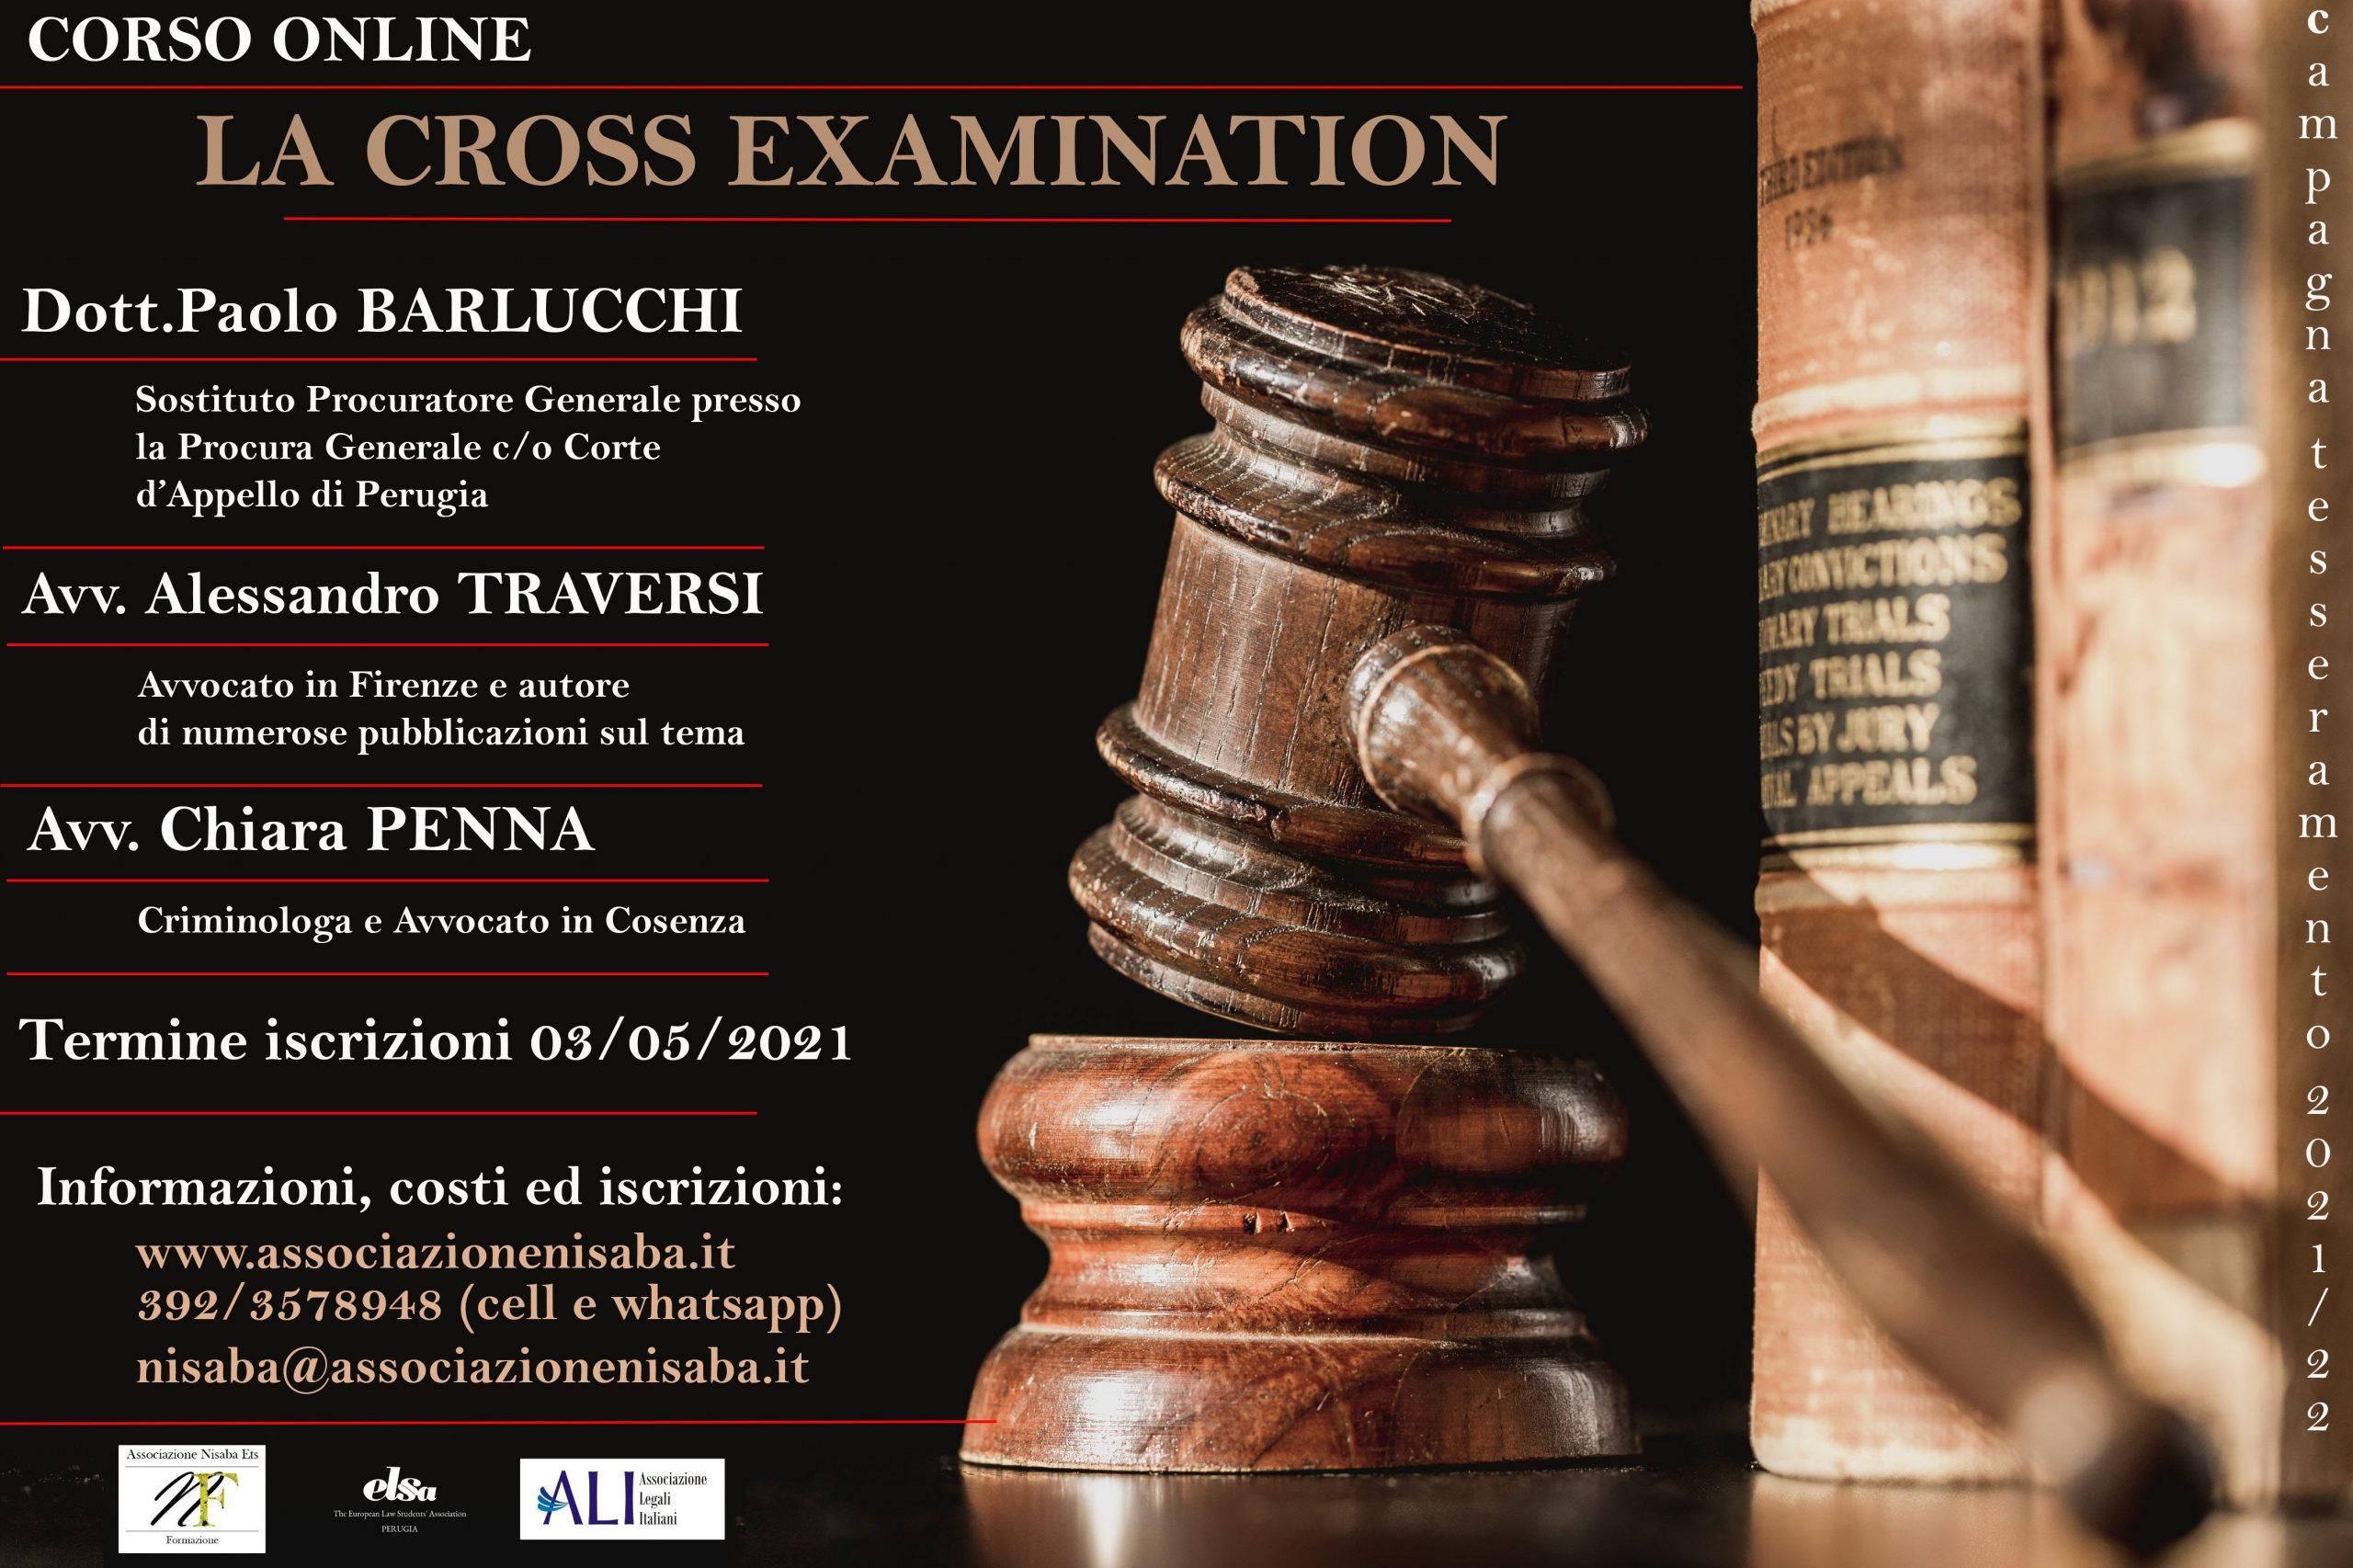 Corso Online la Cross Examination